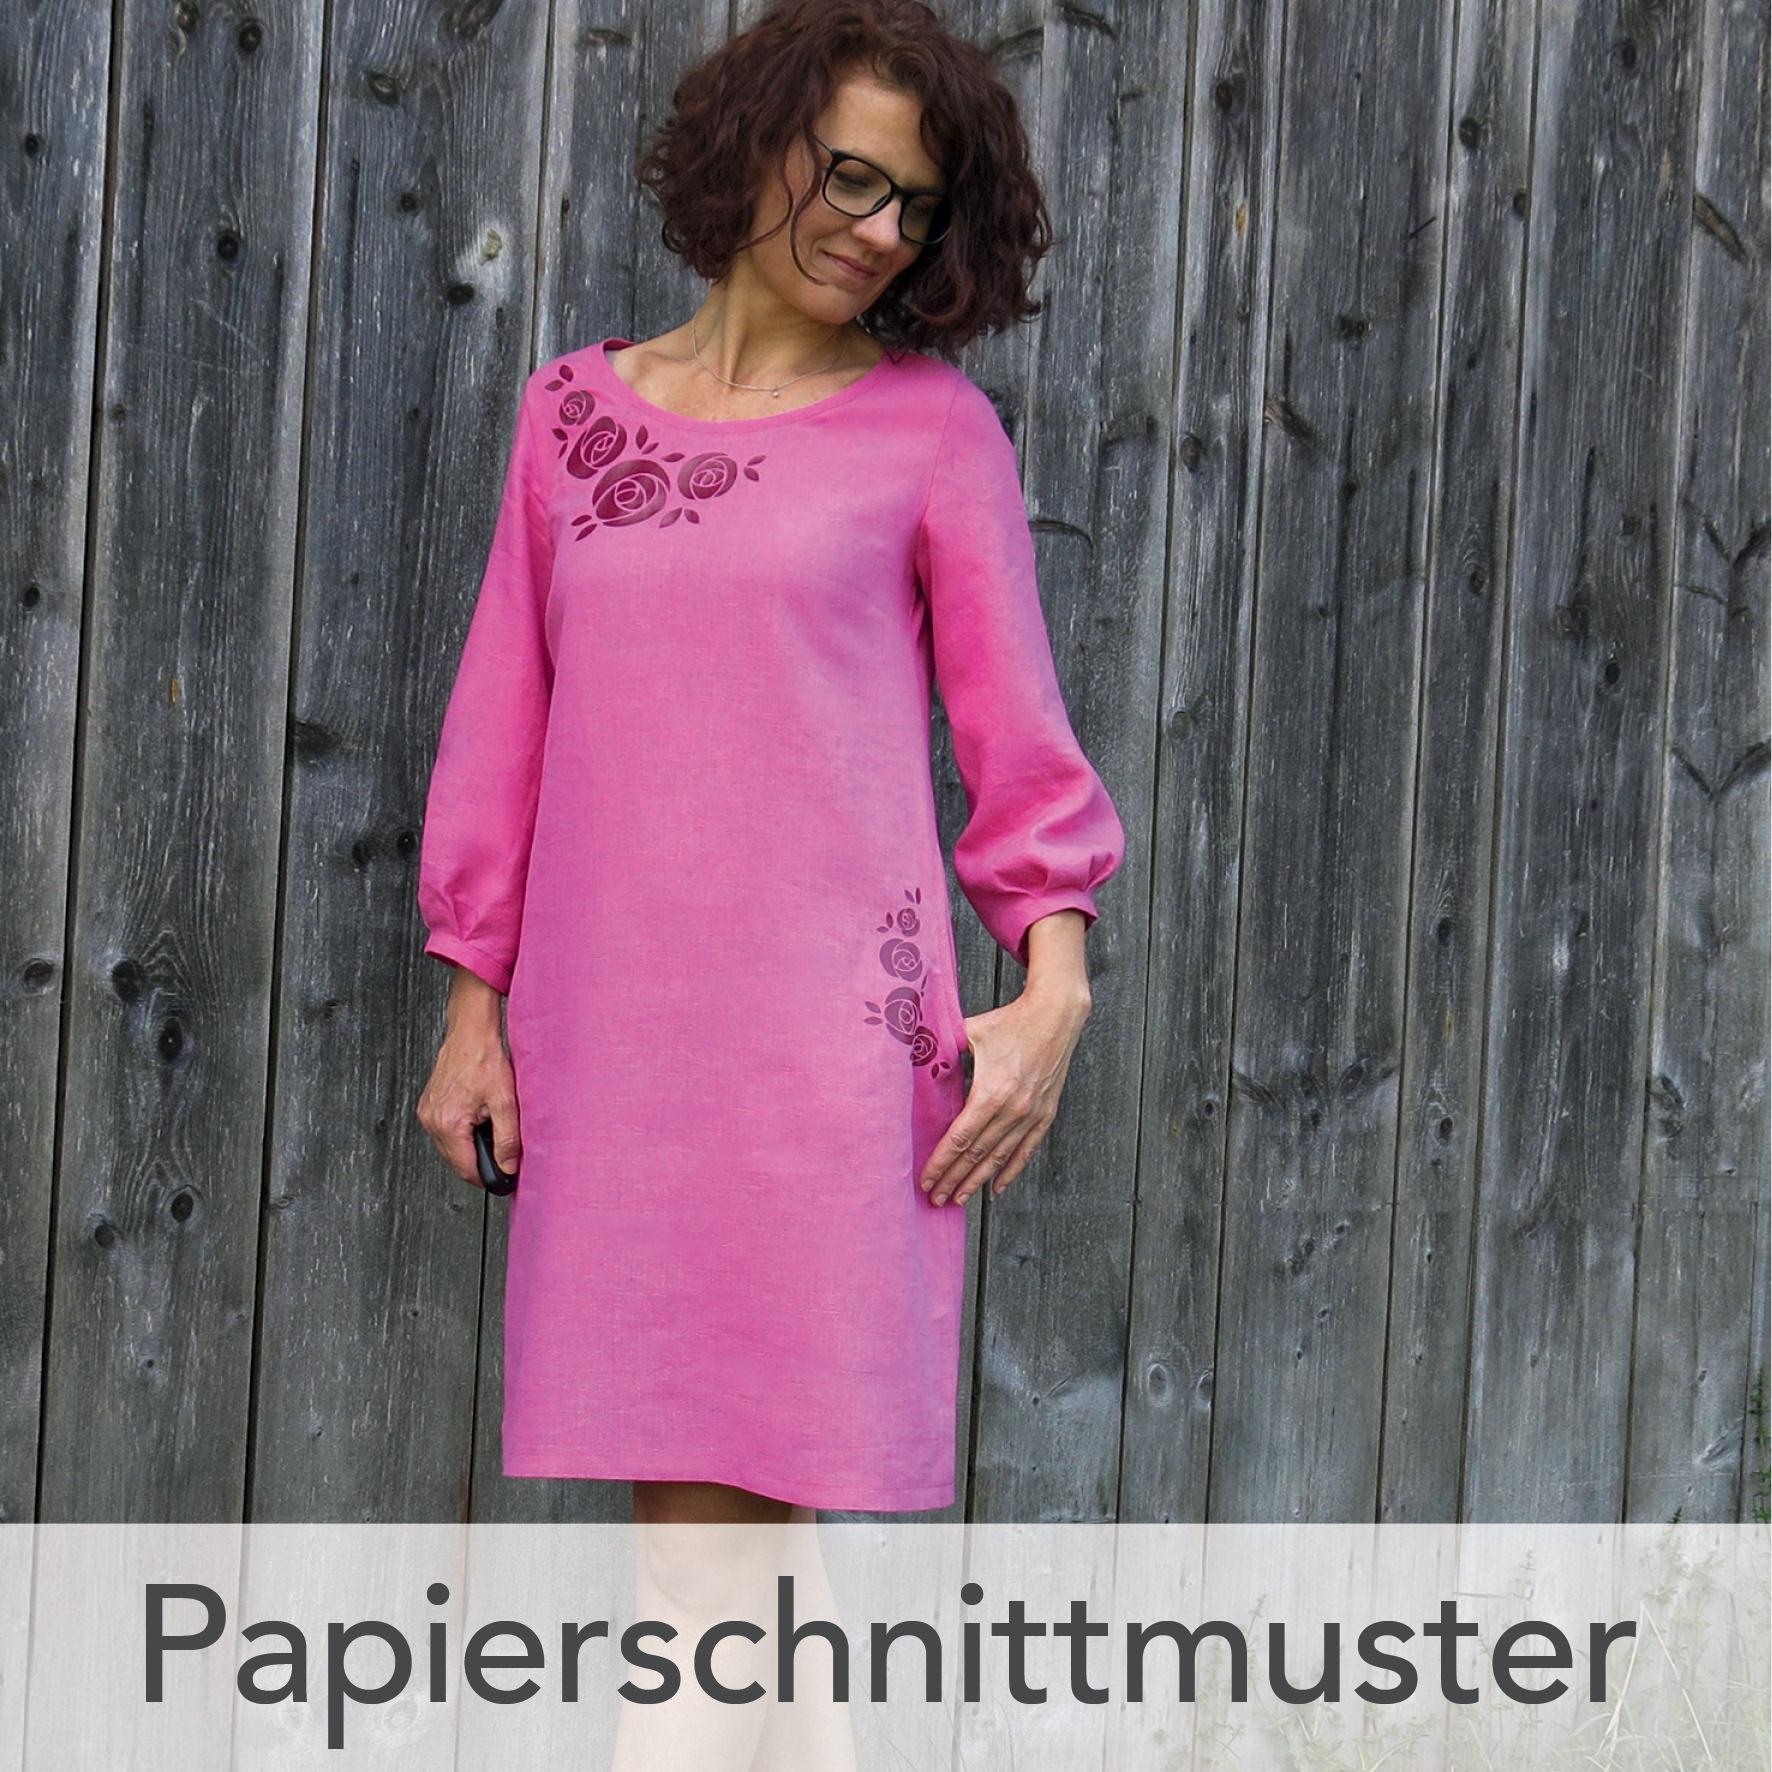 Schnittmuster Kleid Ibella